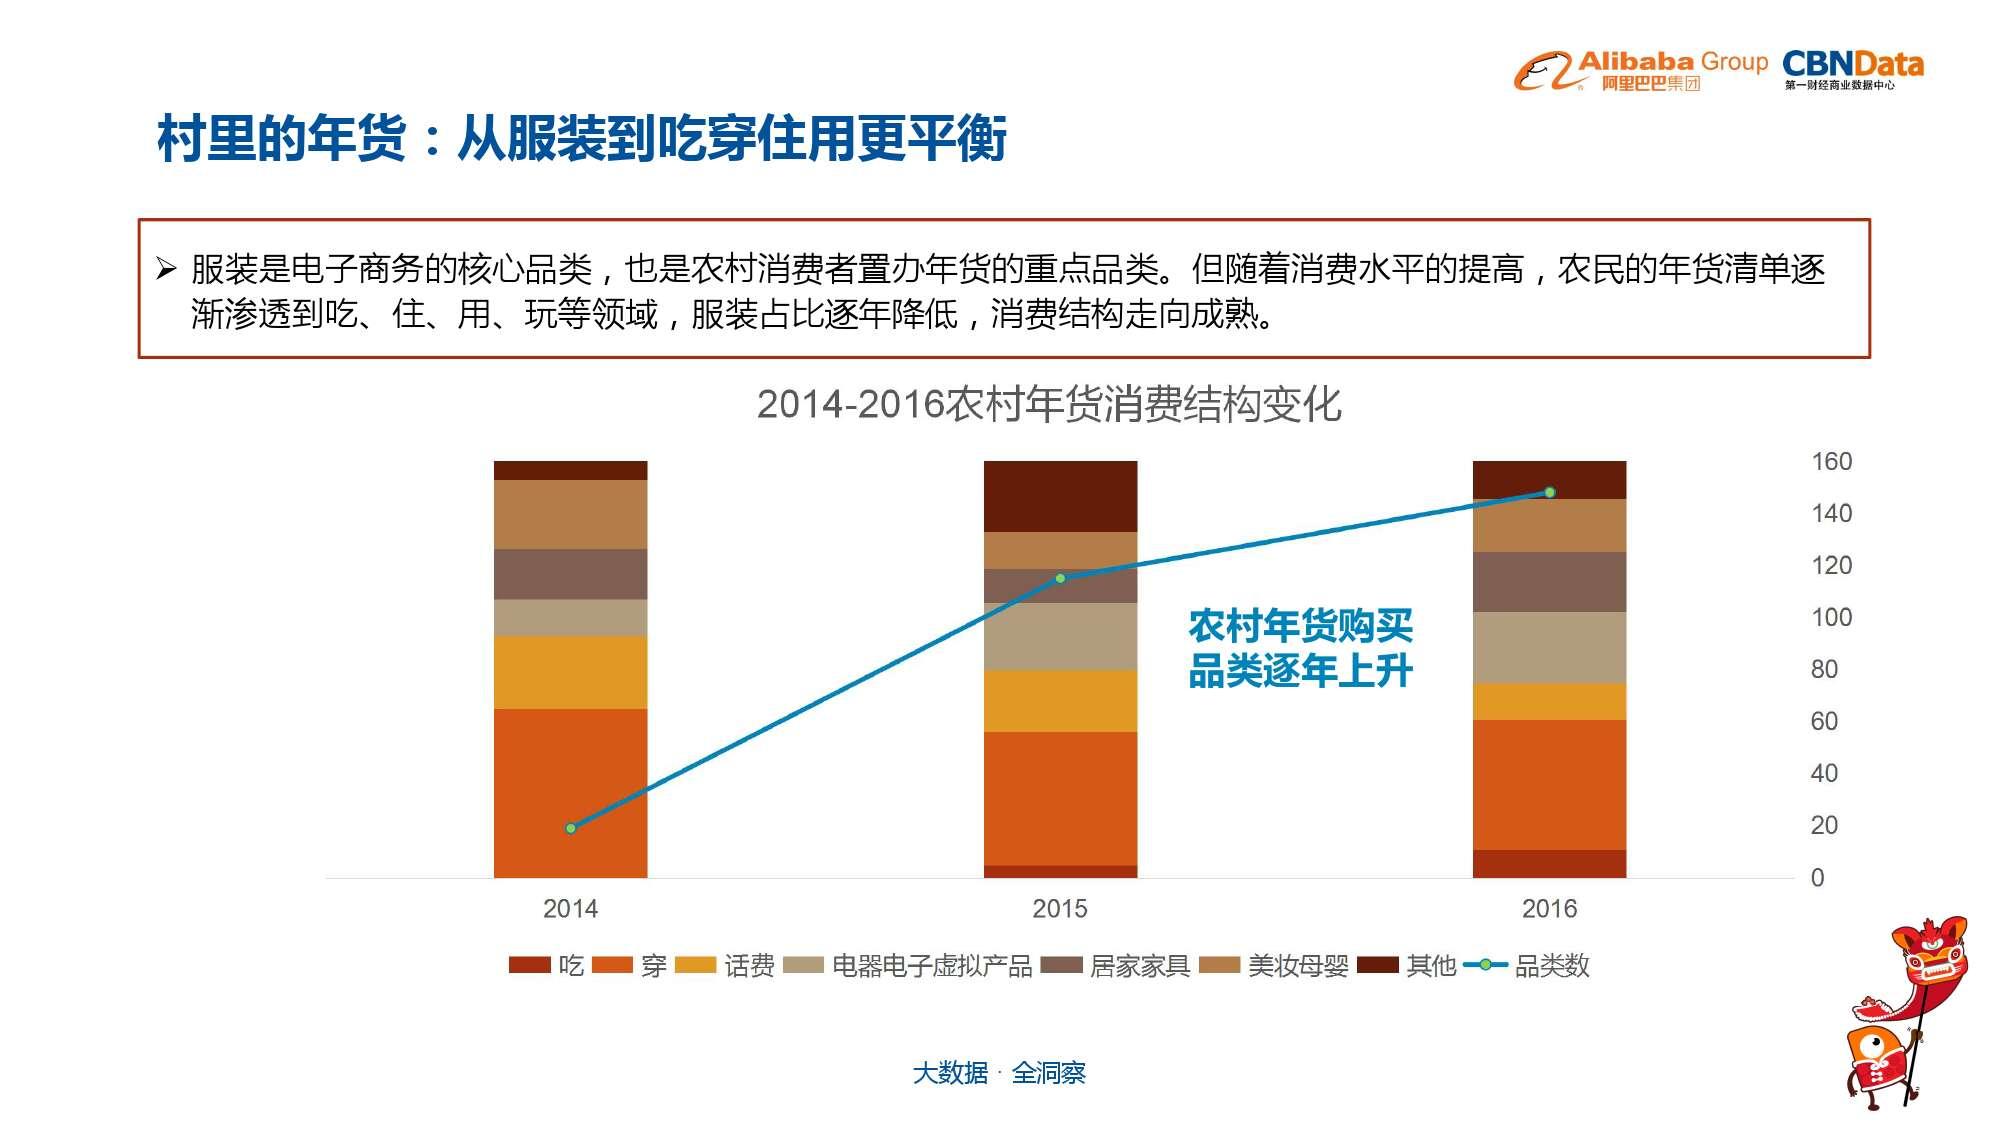 中国年货大数据报告_000020